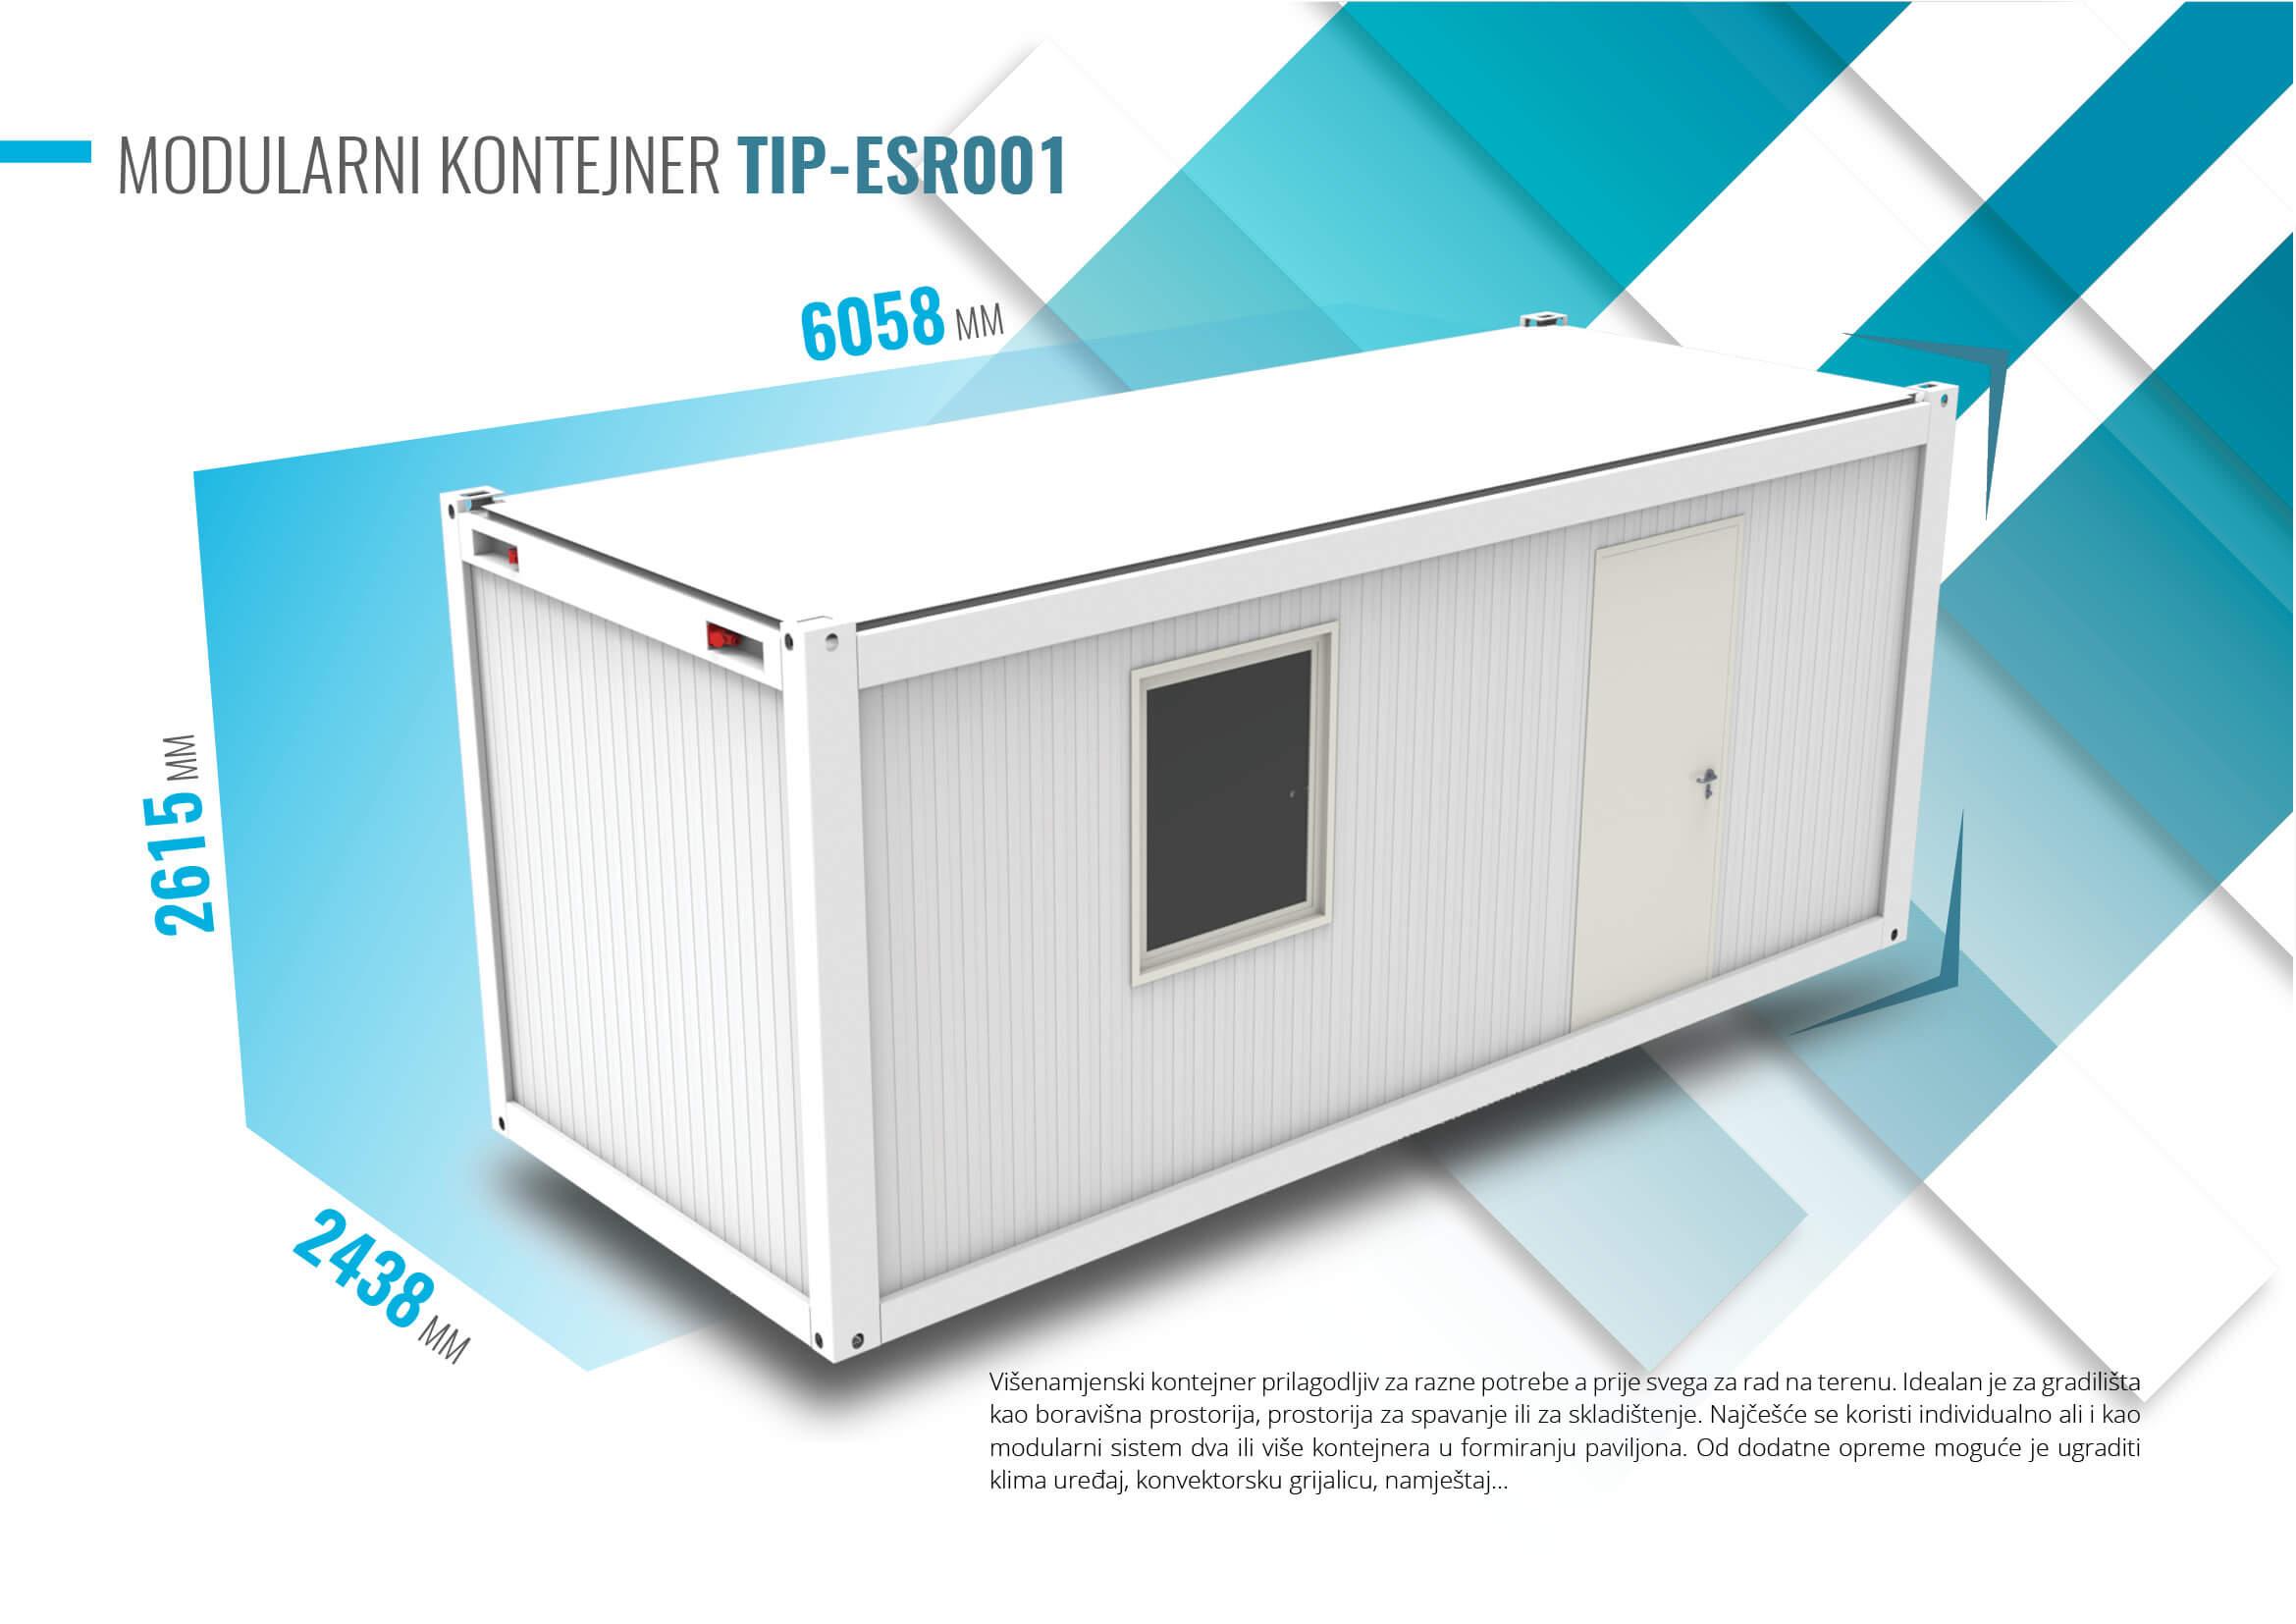 Elvaco MetPro kontejneri - Modularni sistemi